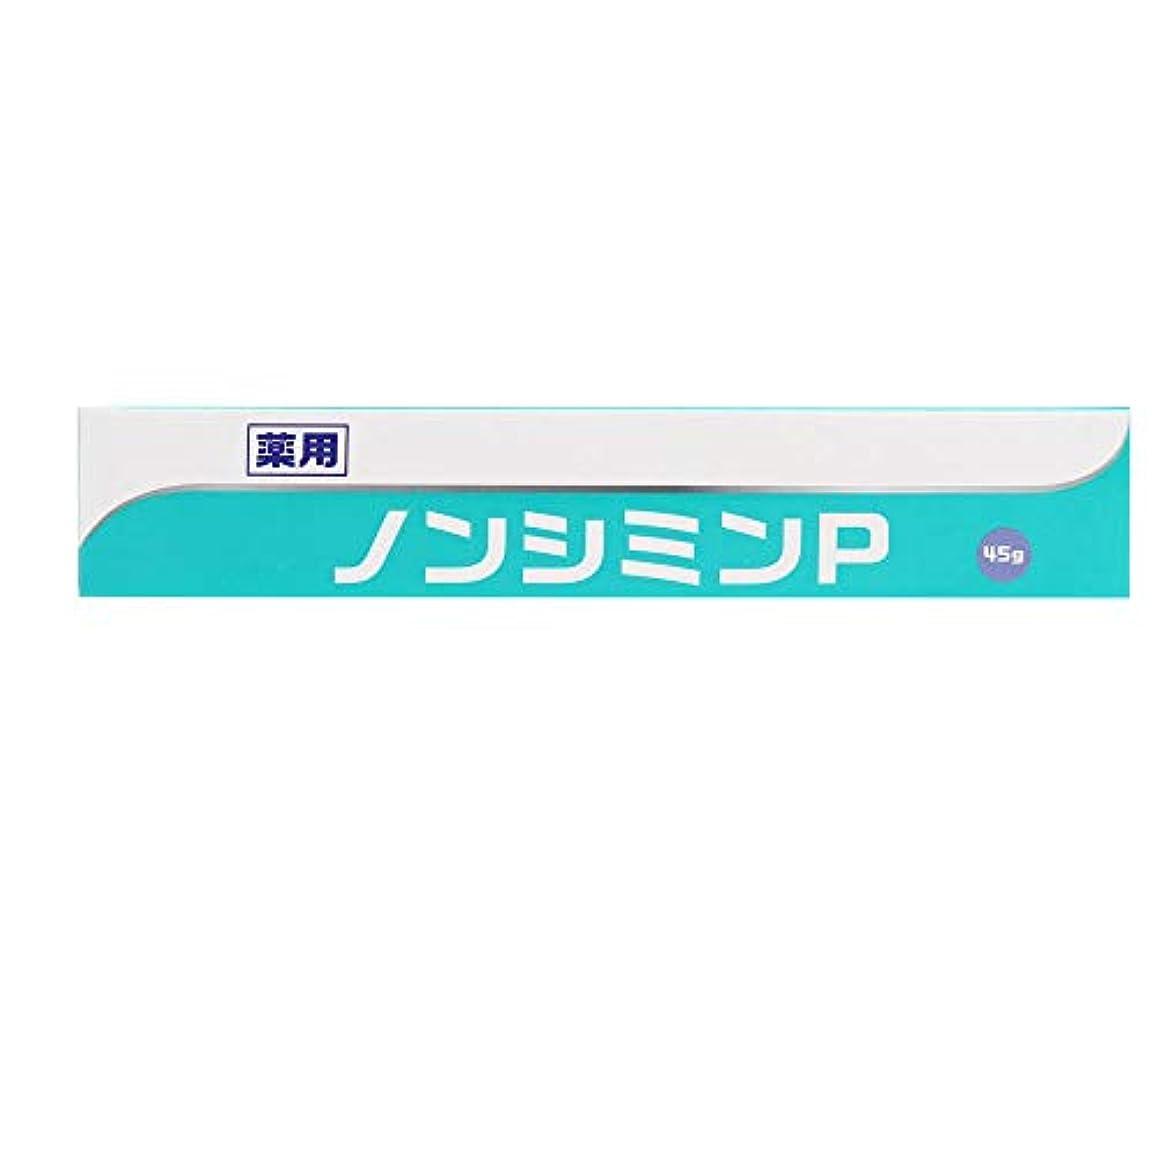 疎外小道具キルス薬用ノンシミンP 45g ジェルタイプ 医薬部外品